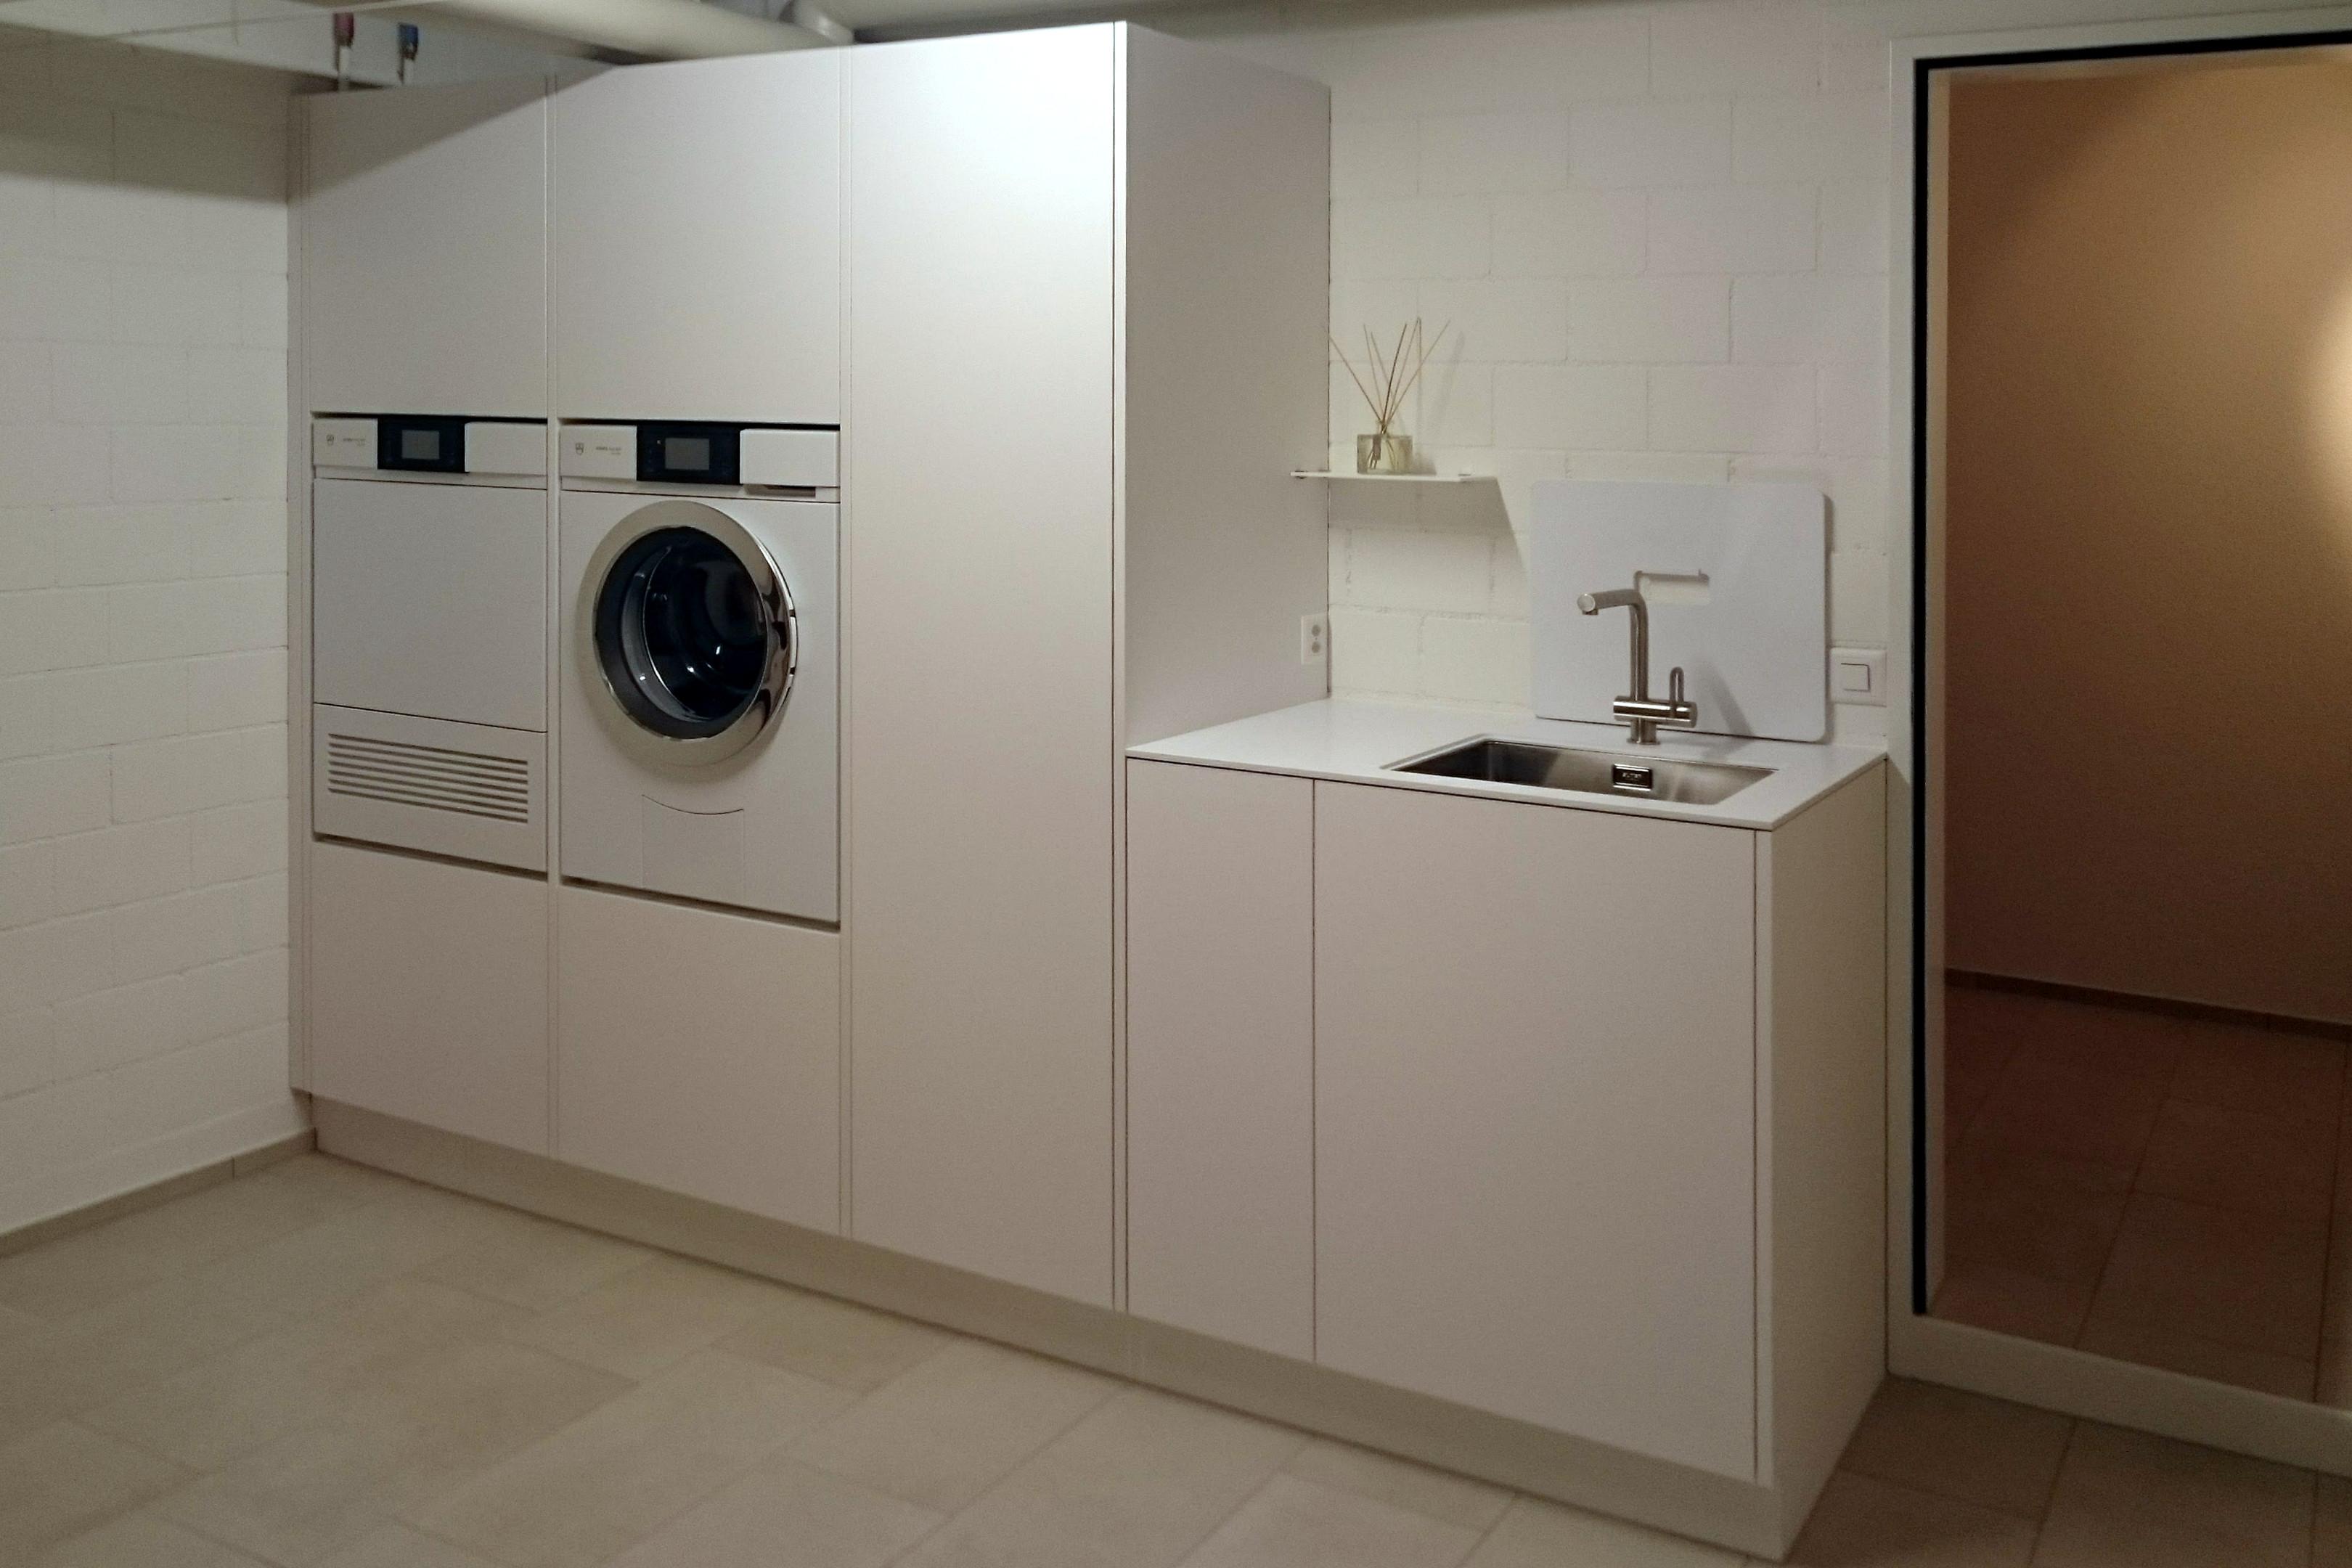 Schöne und praktische Waschkücheneinrichtung in dezentem Weiss.